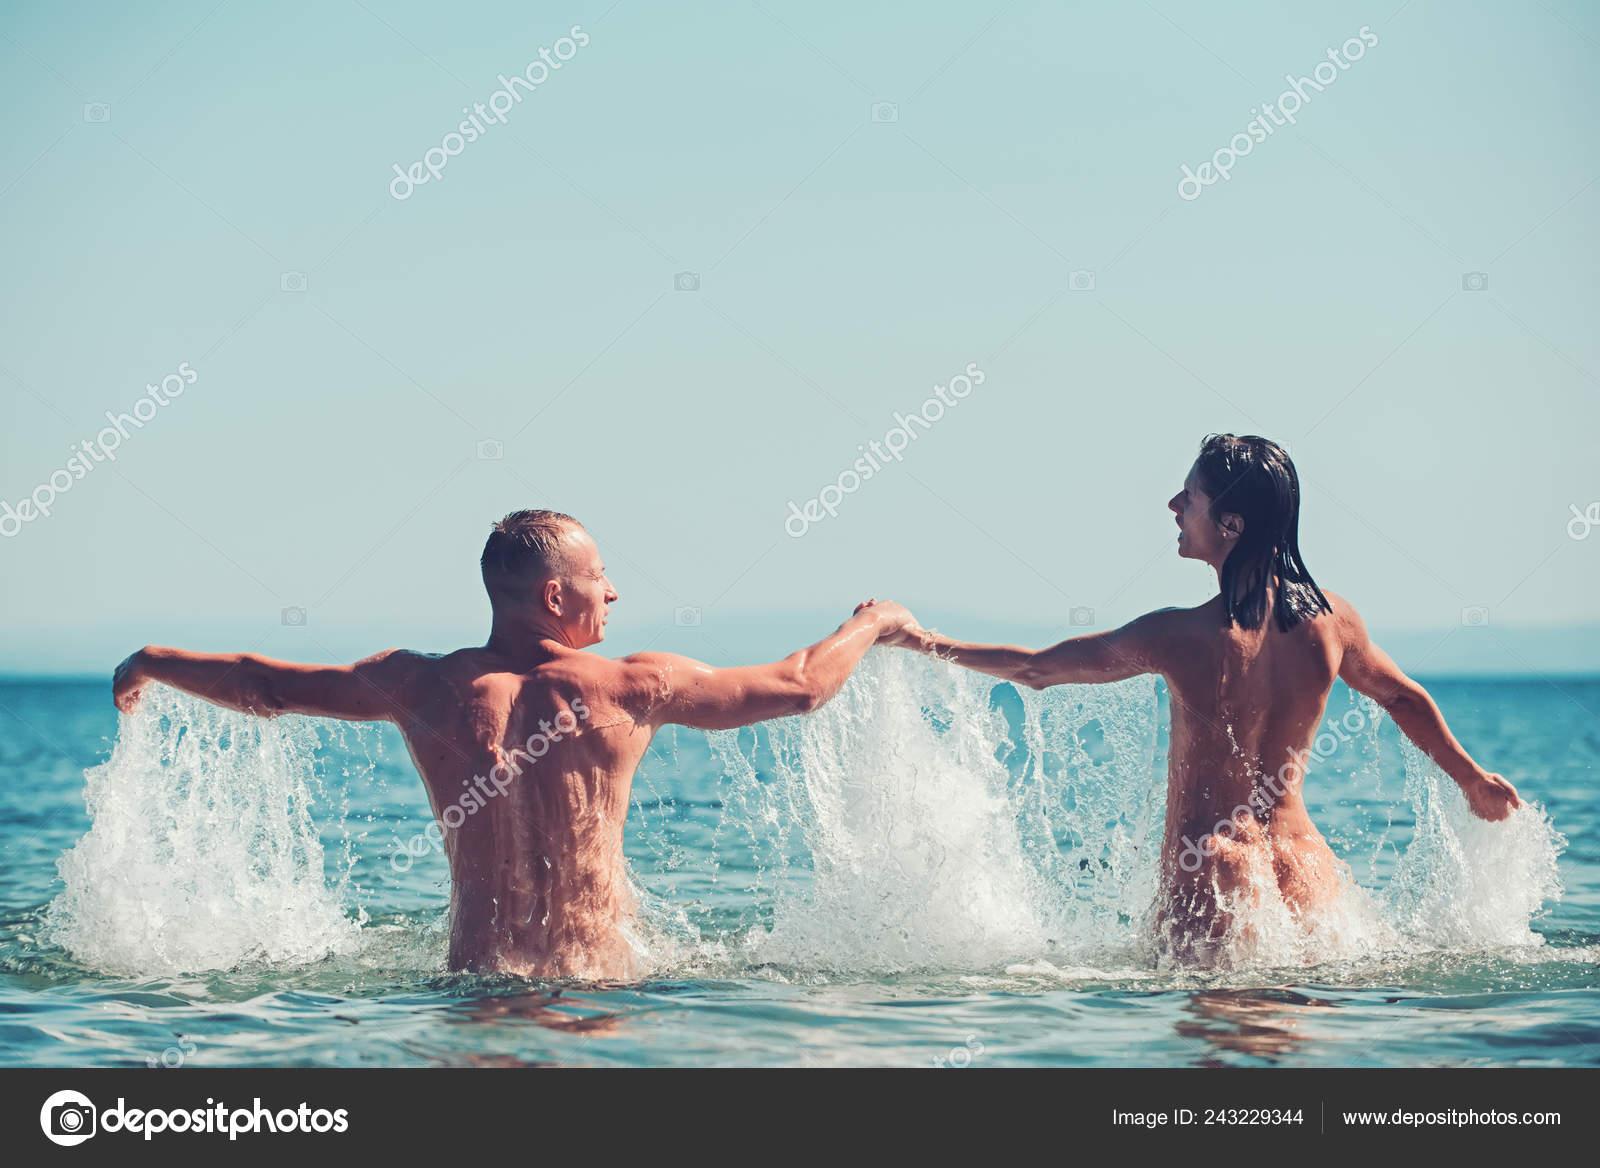 lesbiyanku-na-plyazhe-golie-lyubov-porno-foto-viebal